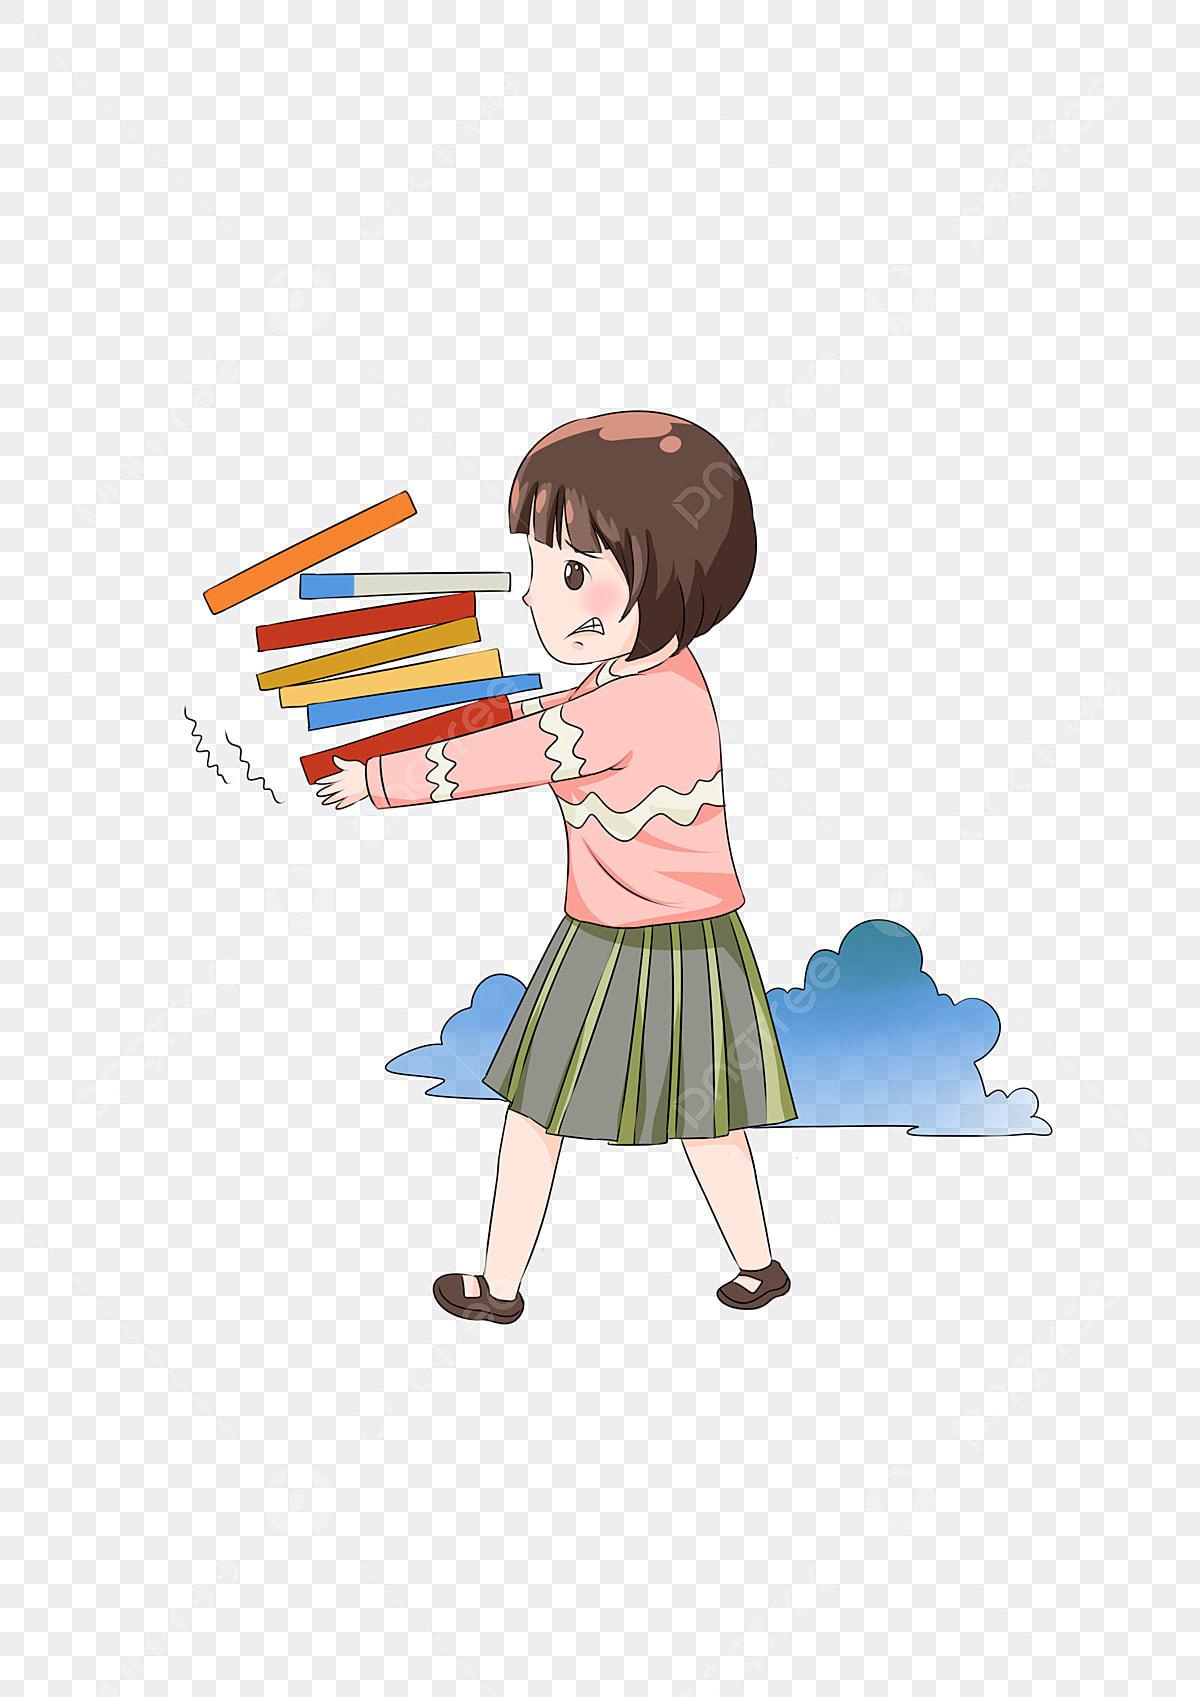 Gambar Tangan Dicat Watak Bergerak Buku Ilustrasi Anime Anime Animasi Kartun Png Dan Psd Untuk Muat Turun Percuma